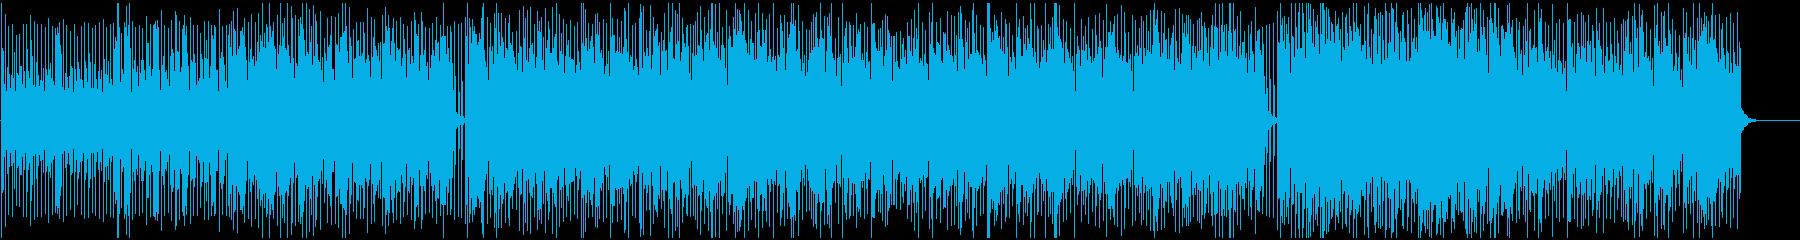 早いテンポのテクノサウンドの再生済みの波形